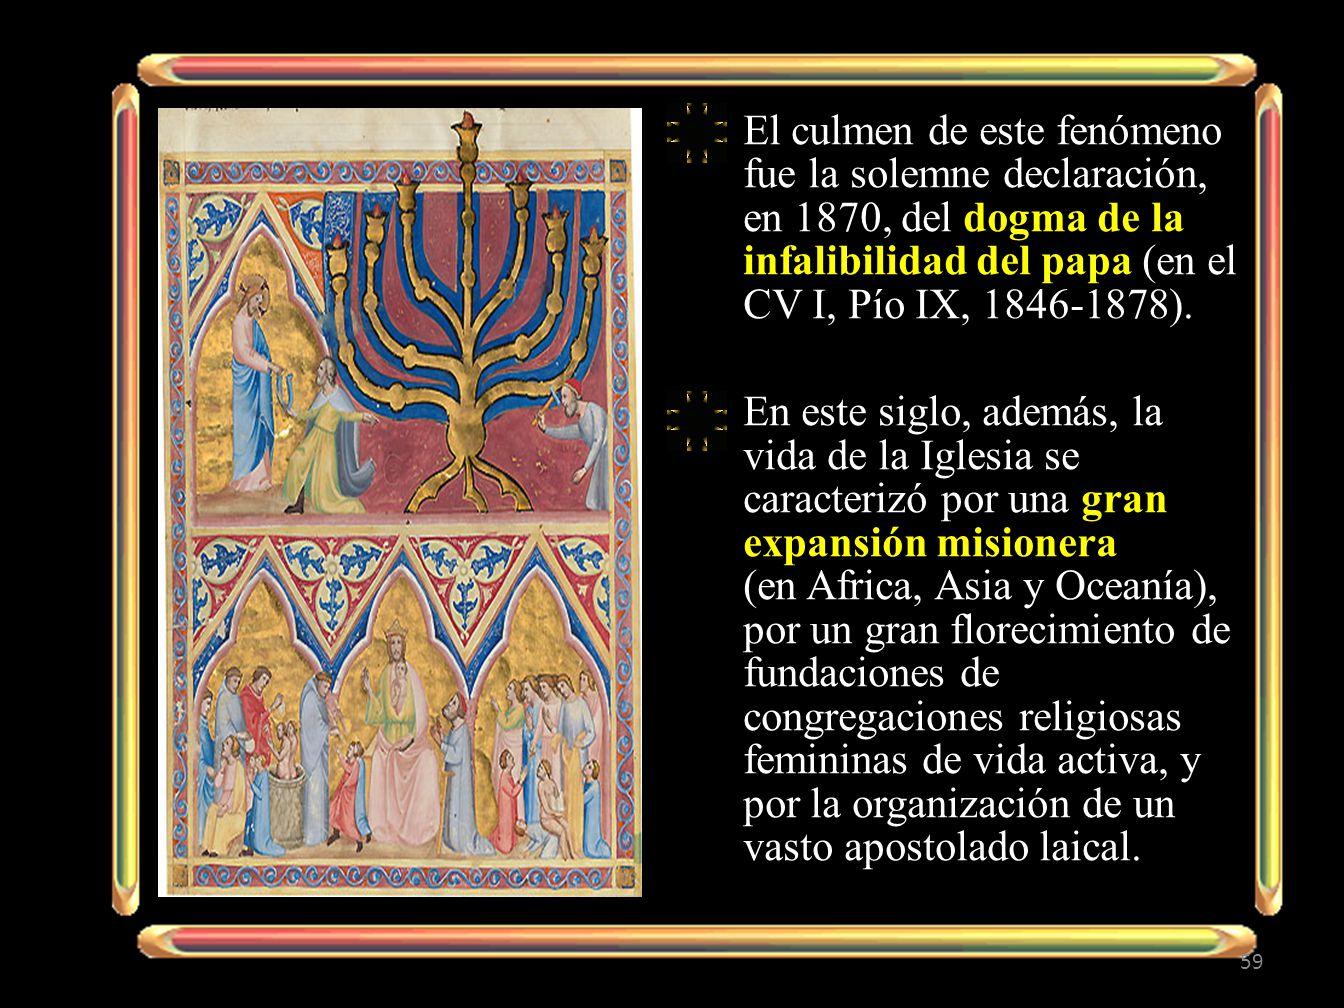 El culmen de este fenómeno fue la solemne declaración, en 1870, del dogma de la infalibilidad del papa (en el CV I, Pío IX, 1846-1878). En este siglo,